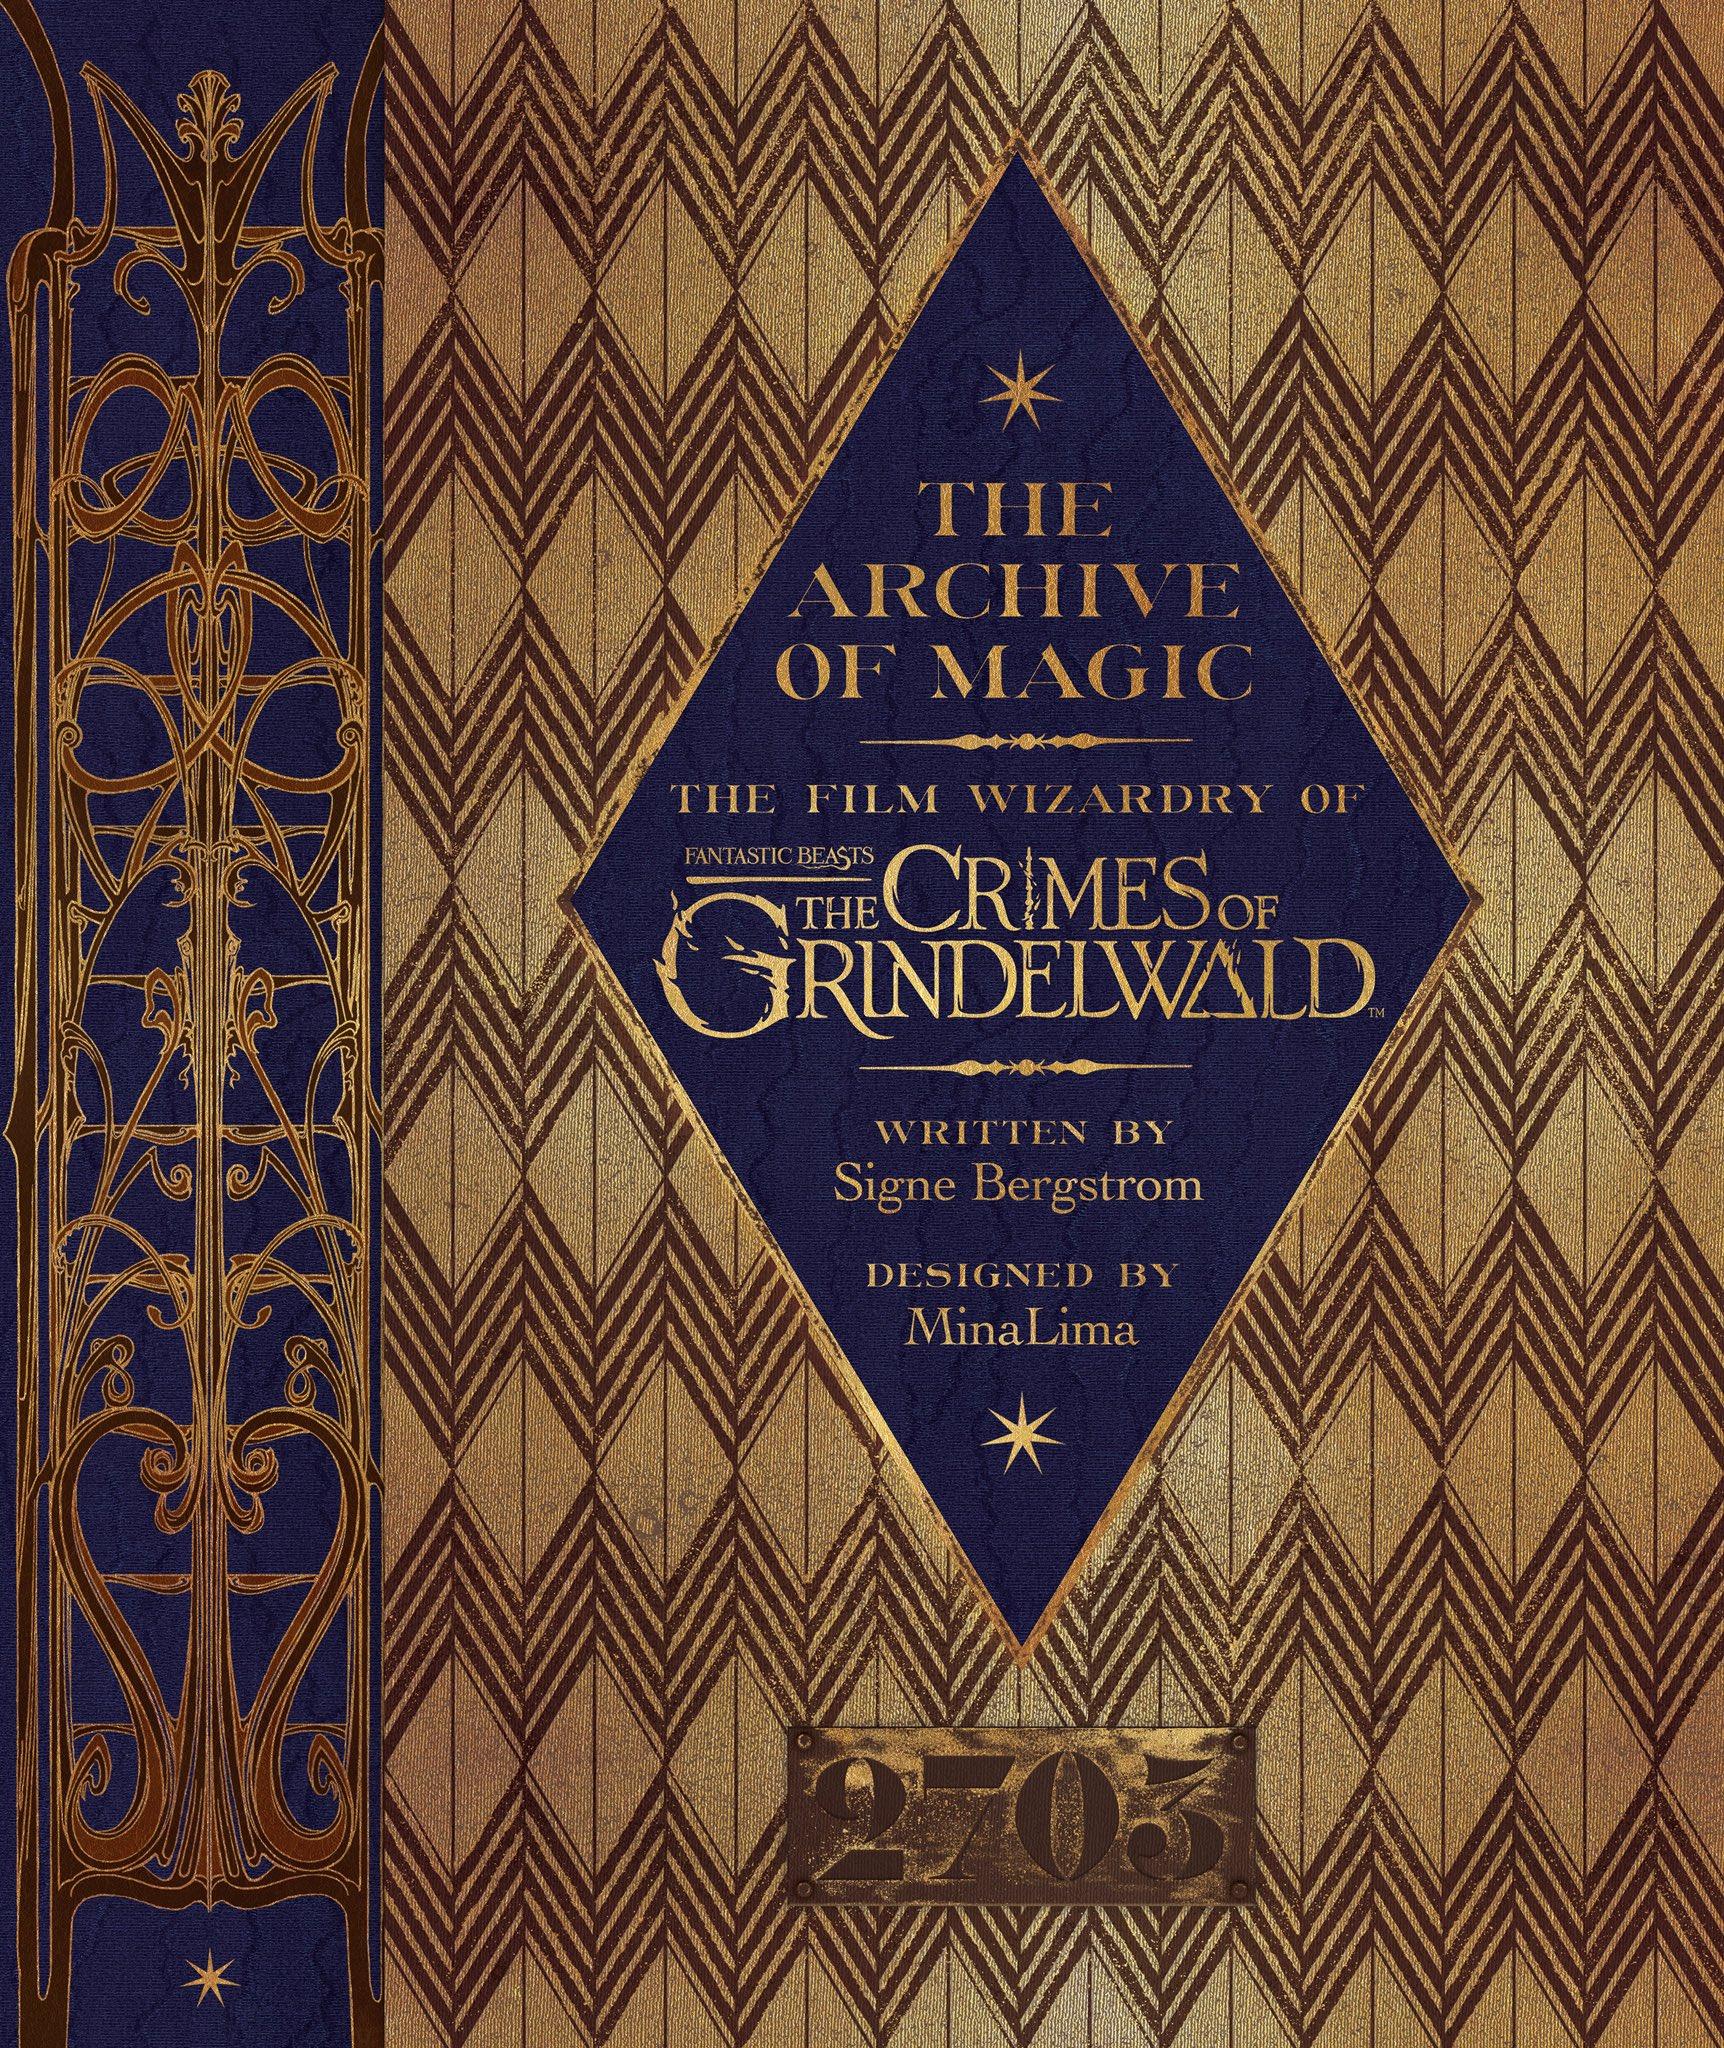 Dans les coulisses des Animaux fantastiques 2 : les archives de la magie